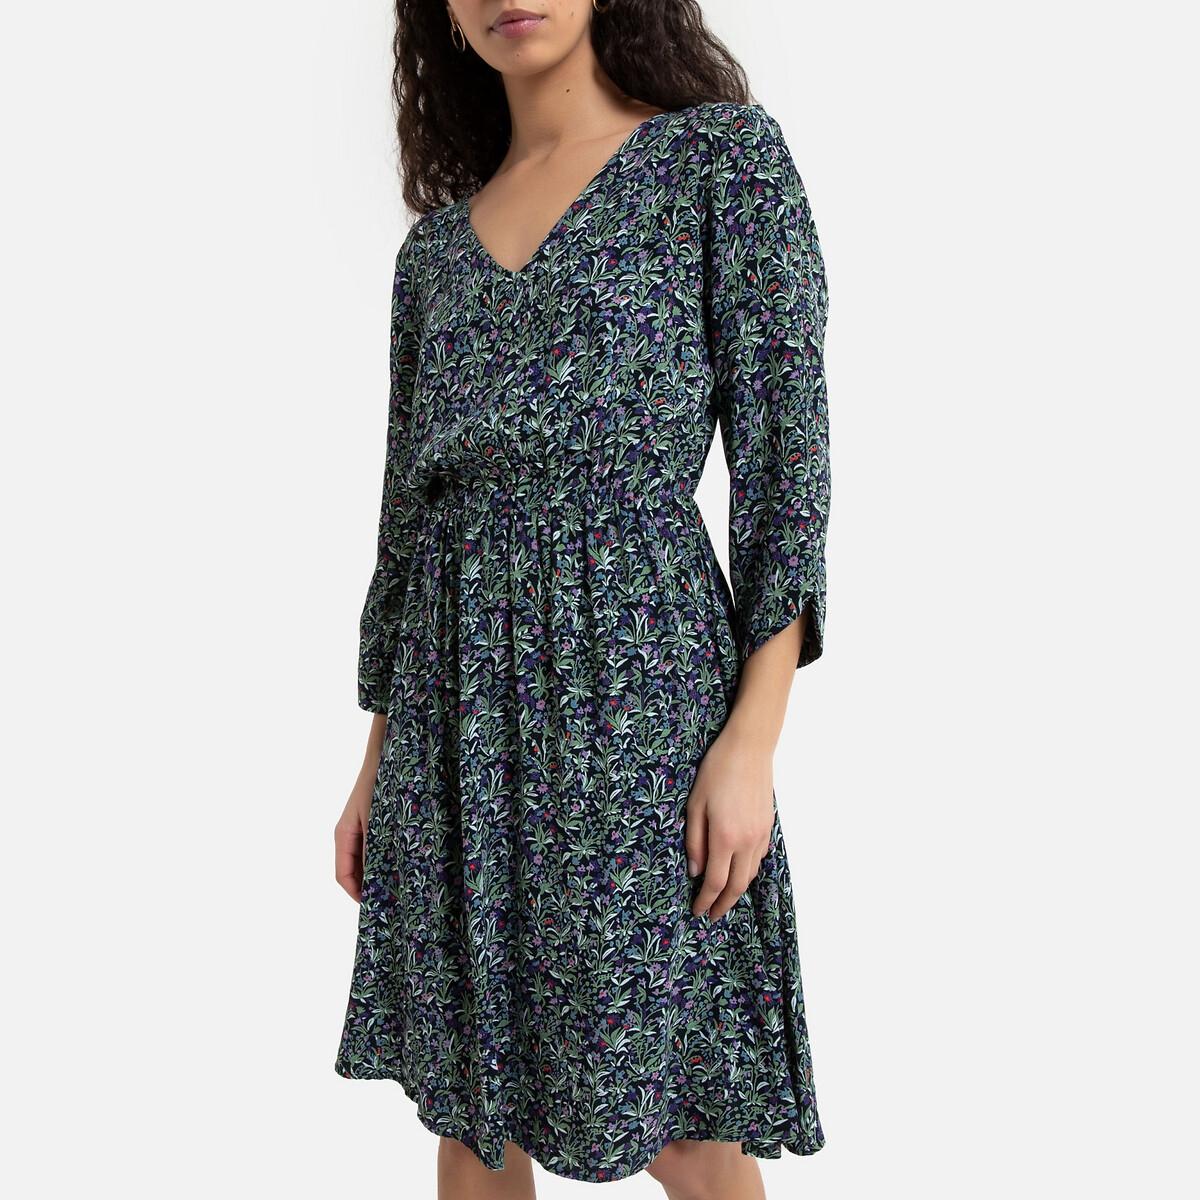 Платье La Redoute Расклешенное с цветочным принтом S черный платье la redoute с принтом chora 1 s другие